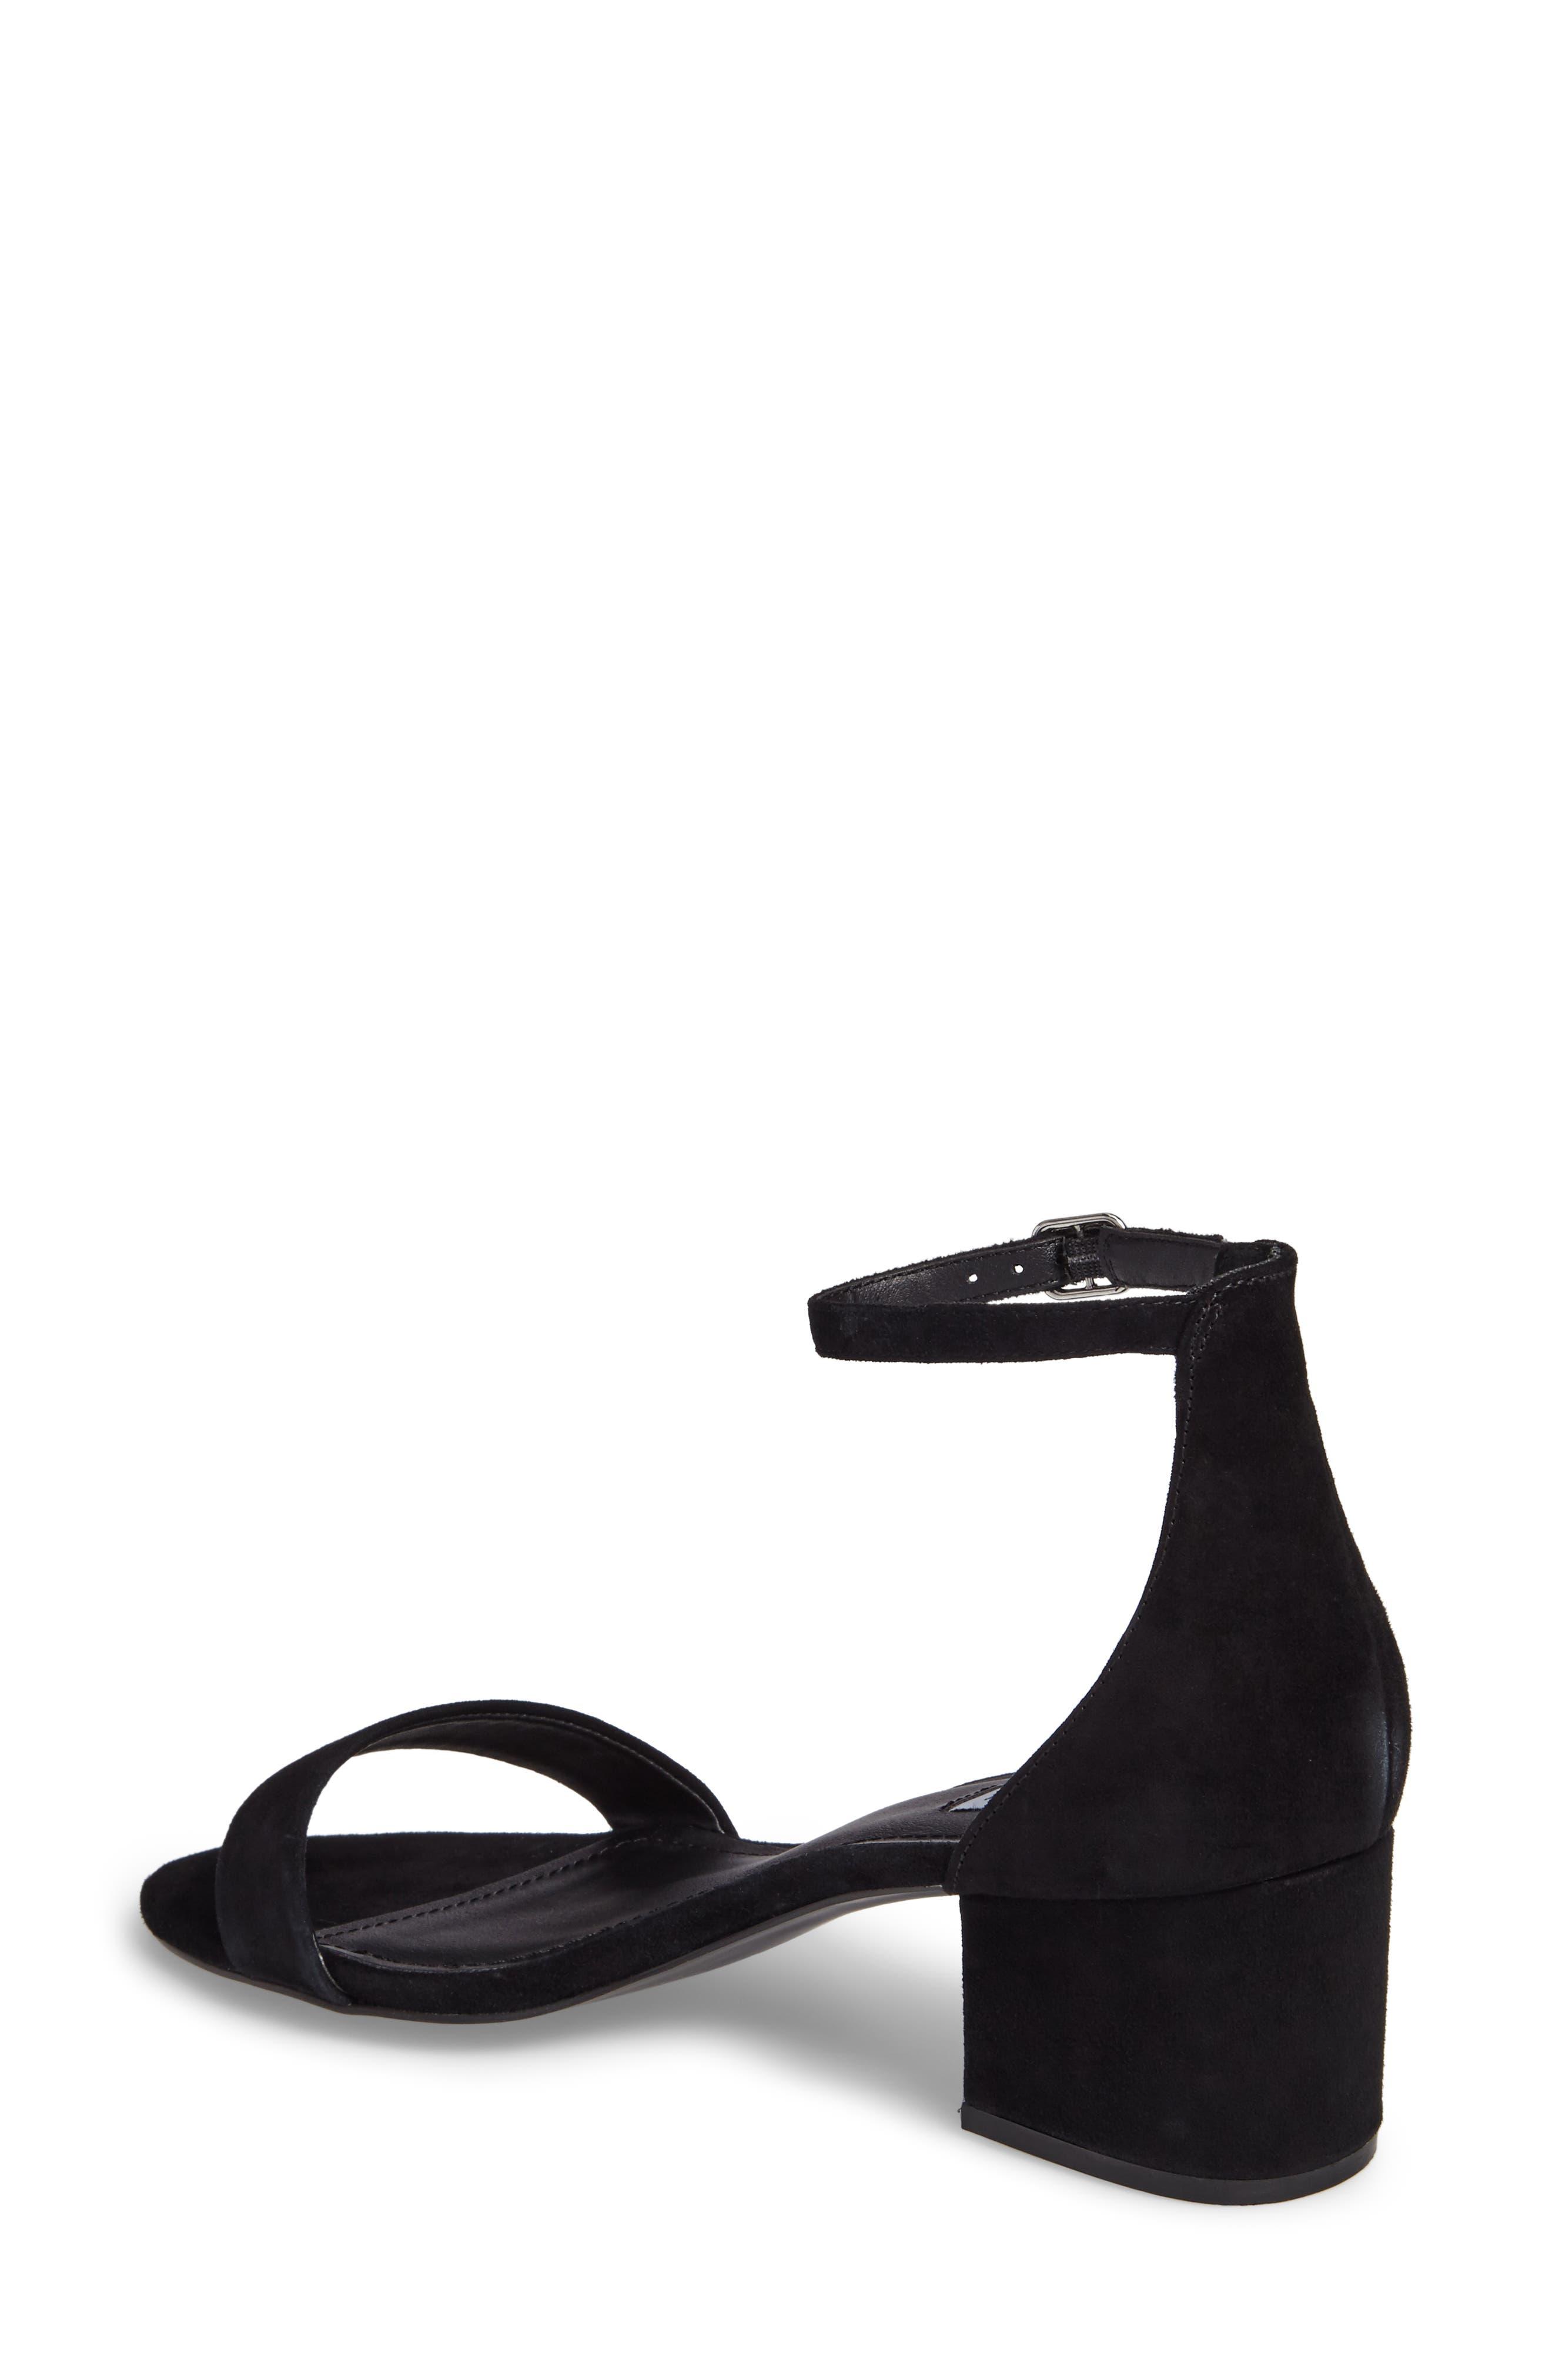 Irenee Ankle Strap Sandal,                             Alternate thumbnail 34, color,